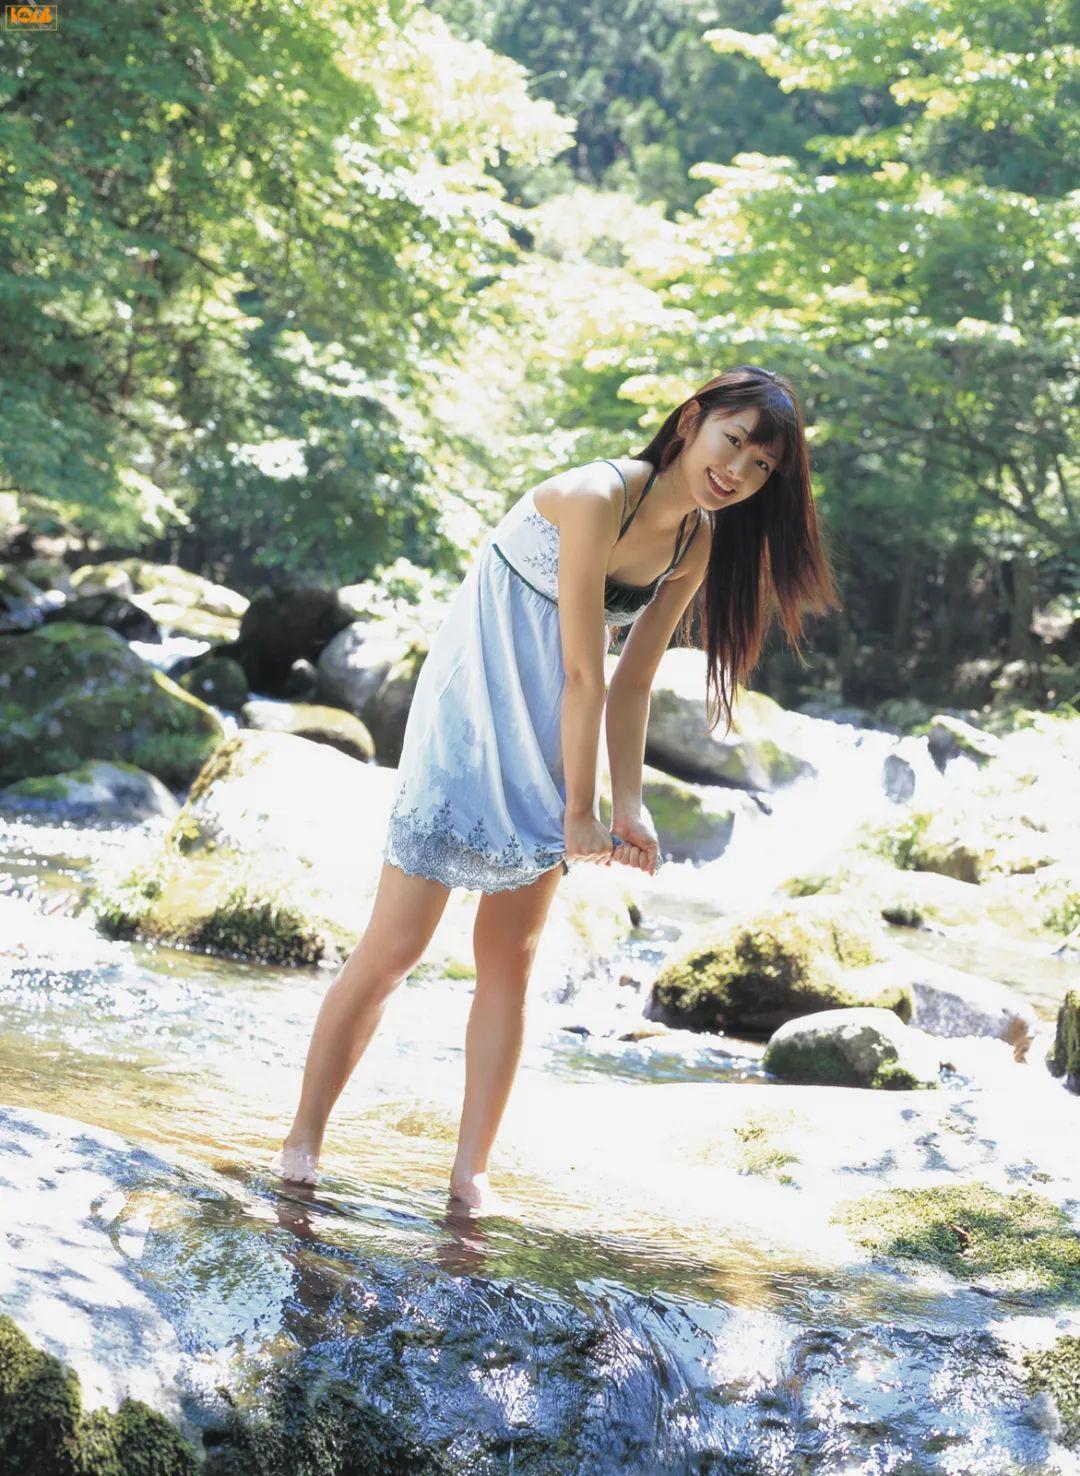 写真 – 石原里美和新垣结衣,你选哪一个?我当然是都不选…_图片 No.1